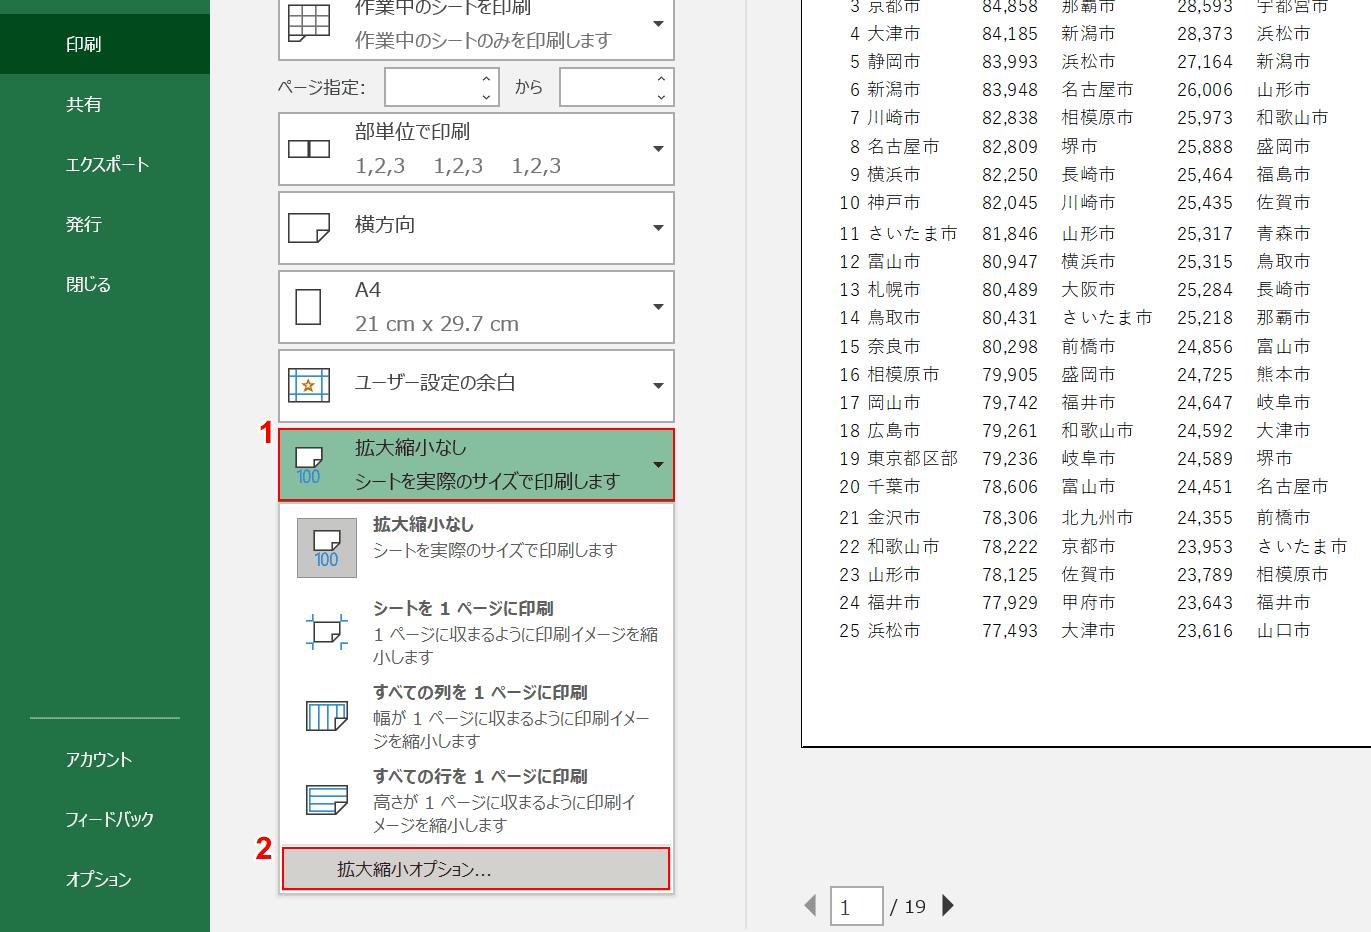 拡大/縮小オプション